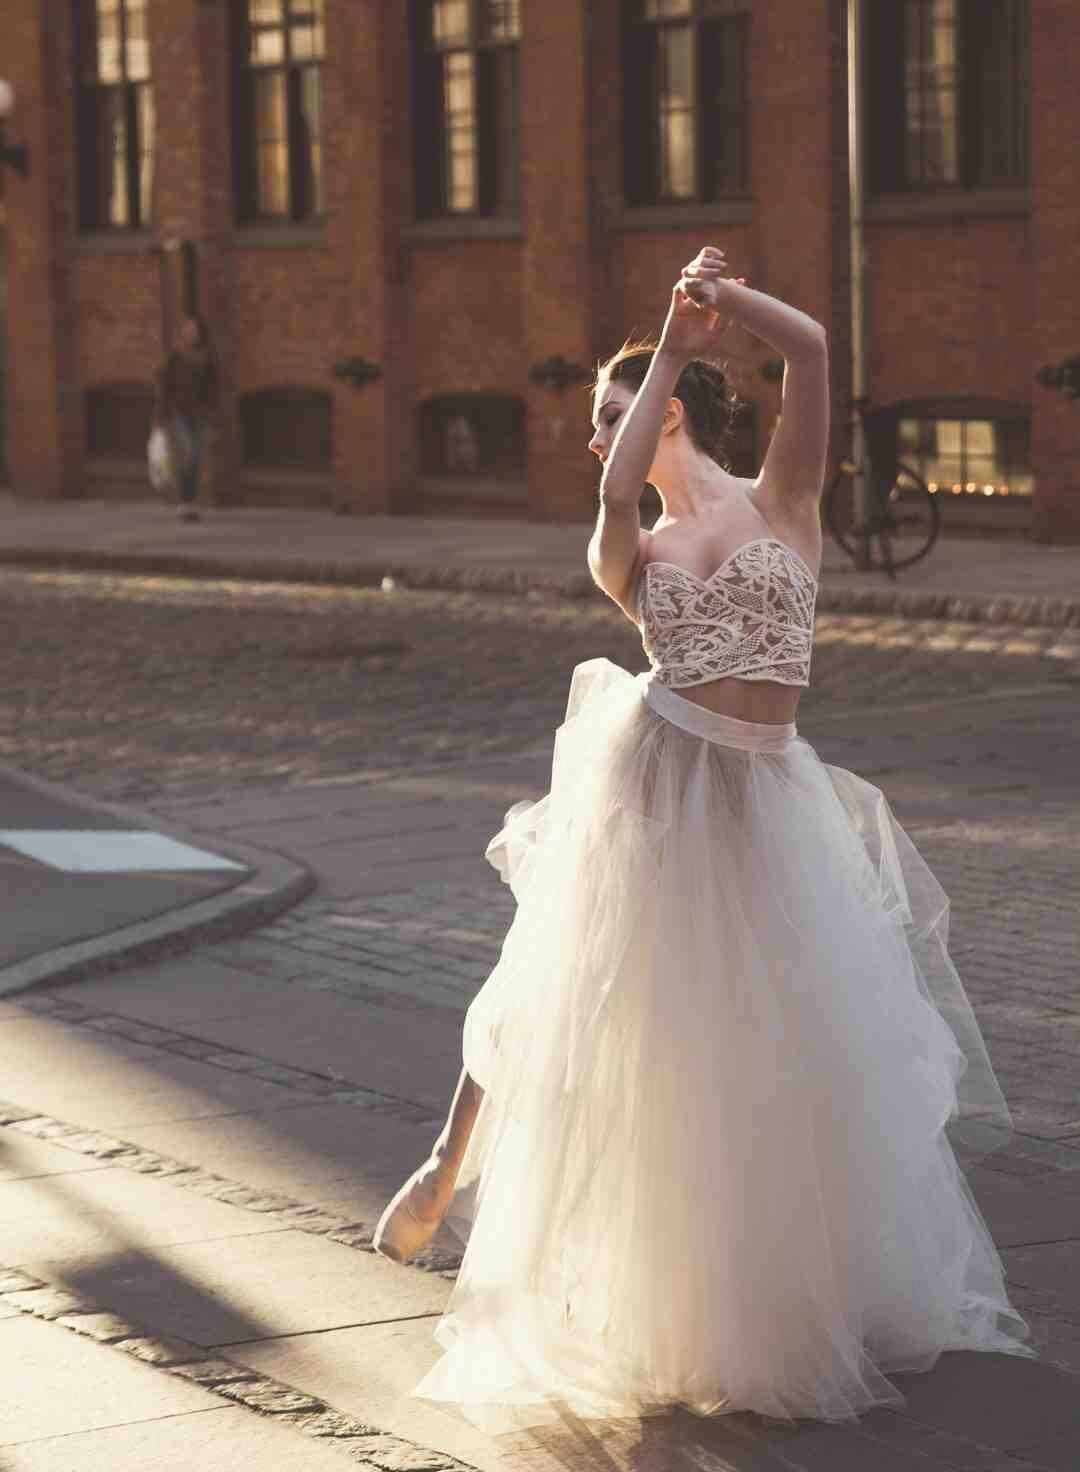 Danse : Chaconne Comment apprendre à danser